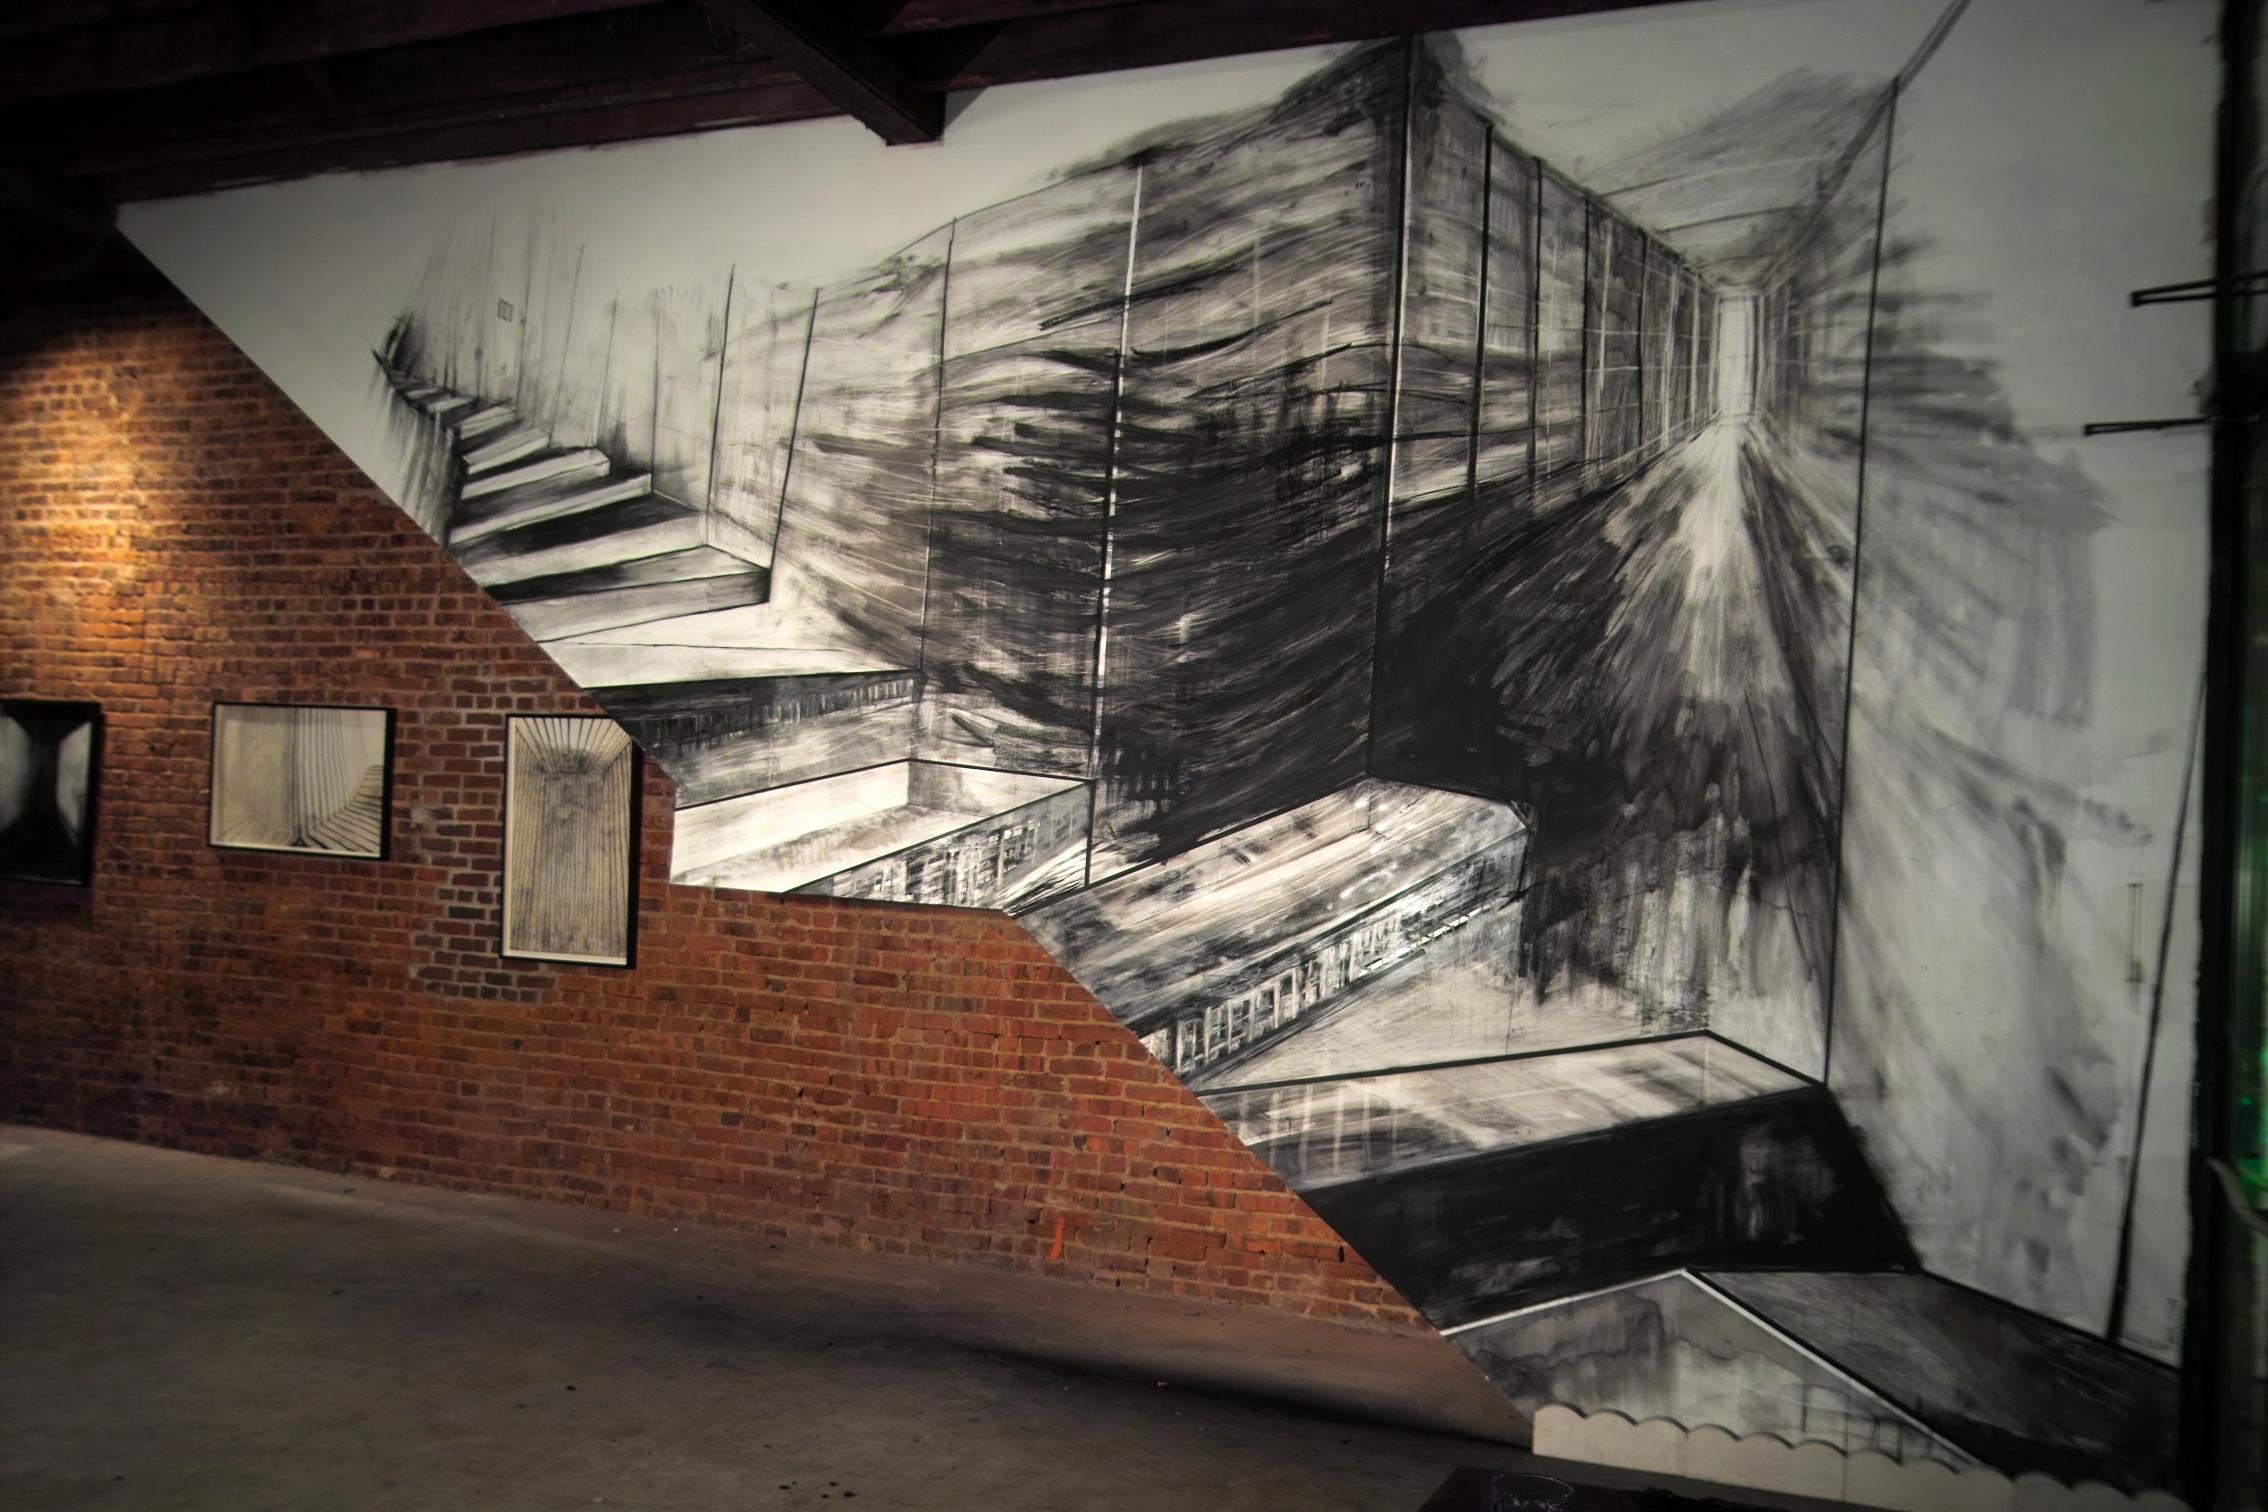 captive-wall-2-copy